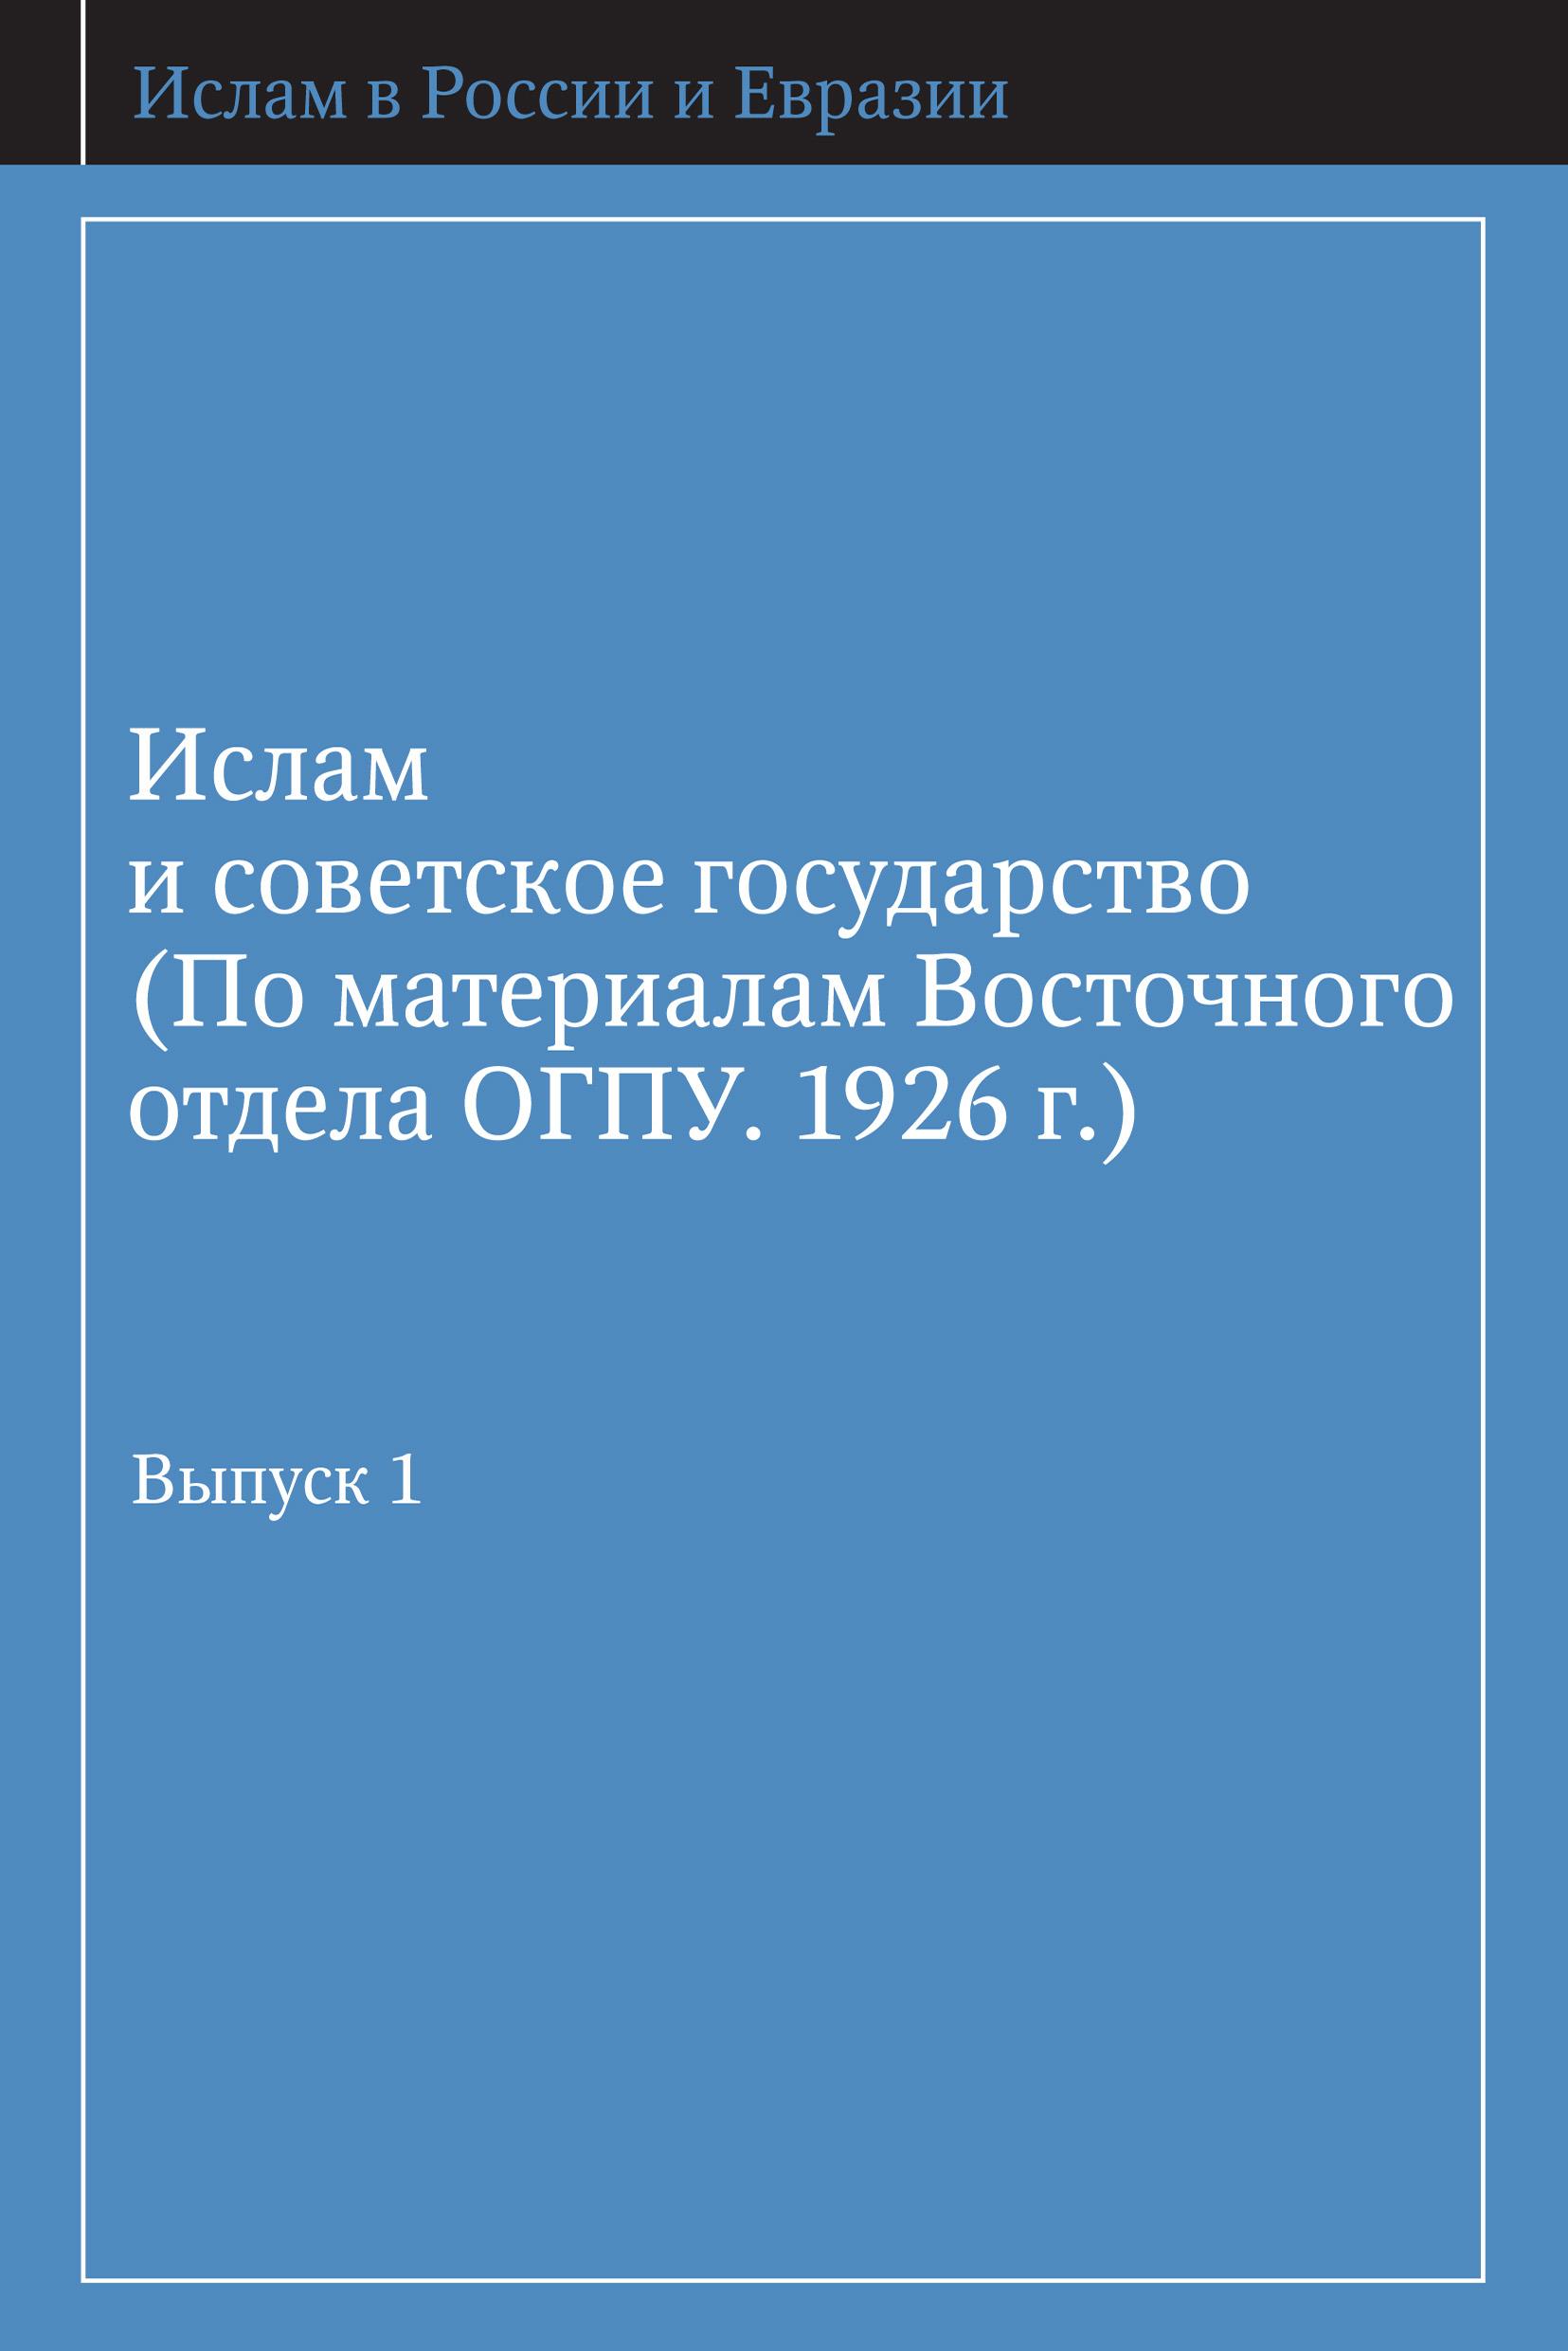 Ислам и советское государство (По материалам Восточного отдела ОГПУ. 1926 г.). Выпуск 1